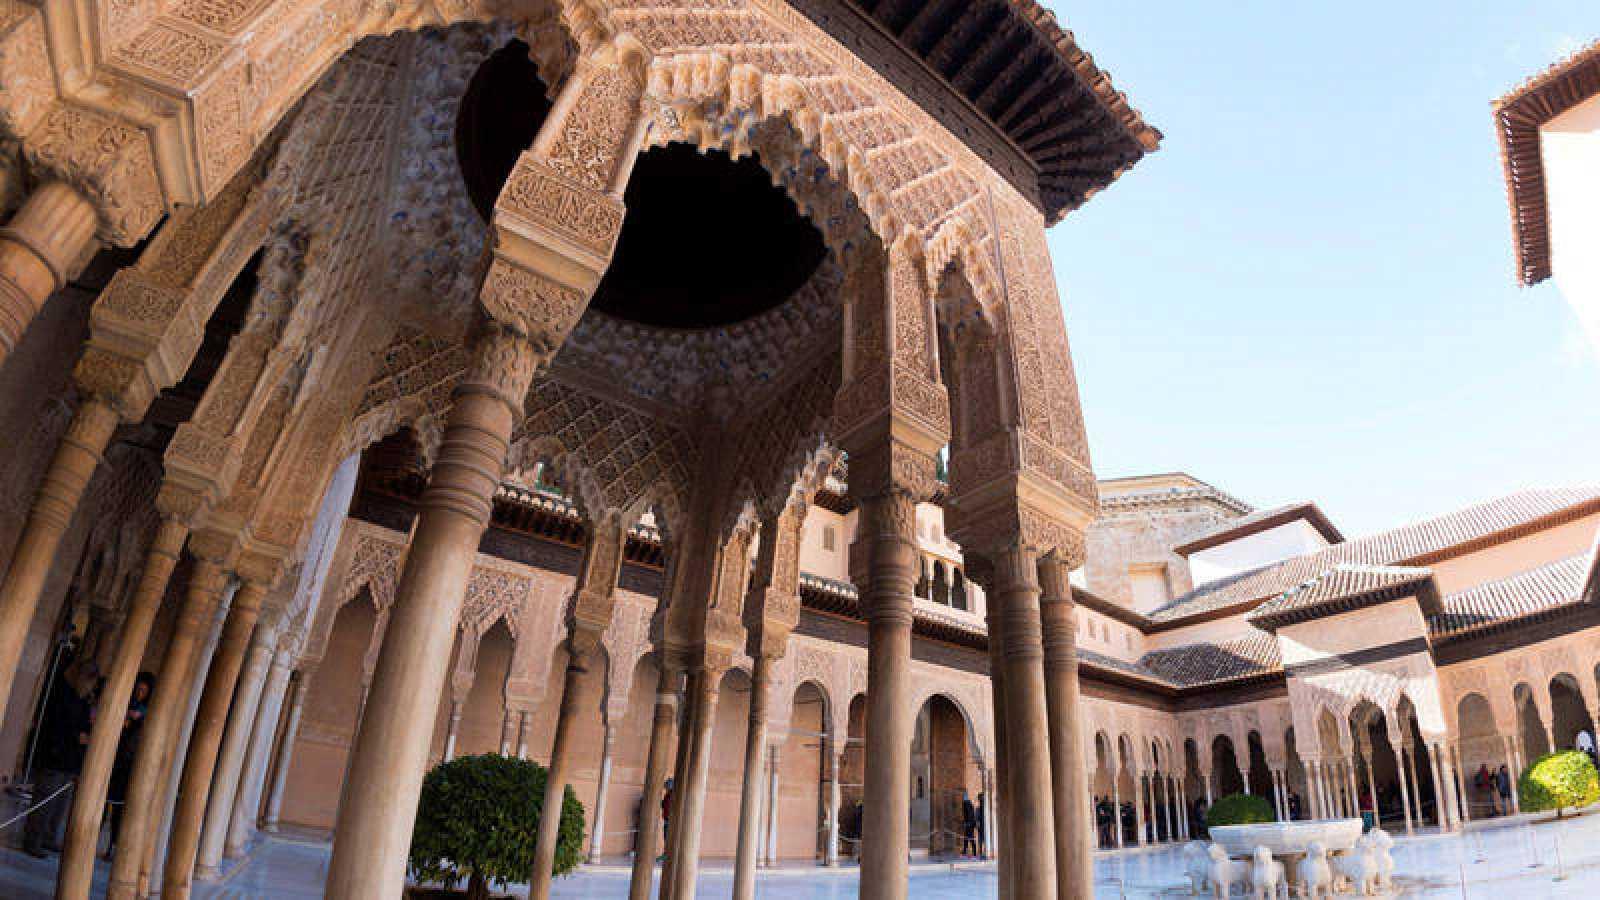 Templete oriental del Patio de los Leones de la Alhambra